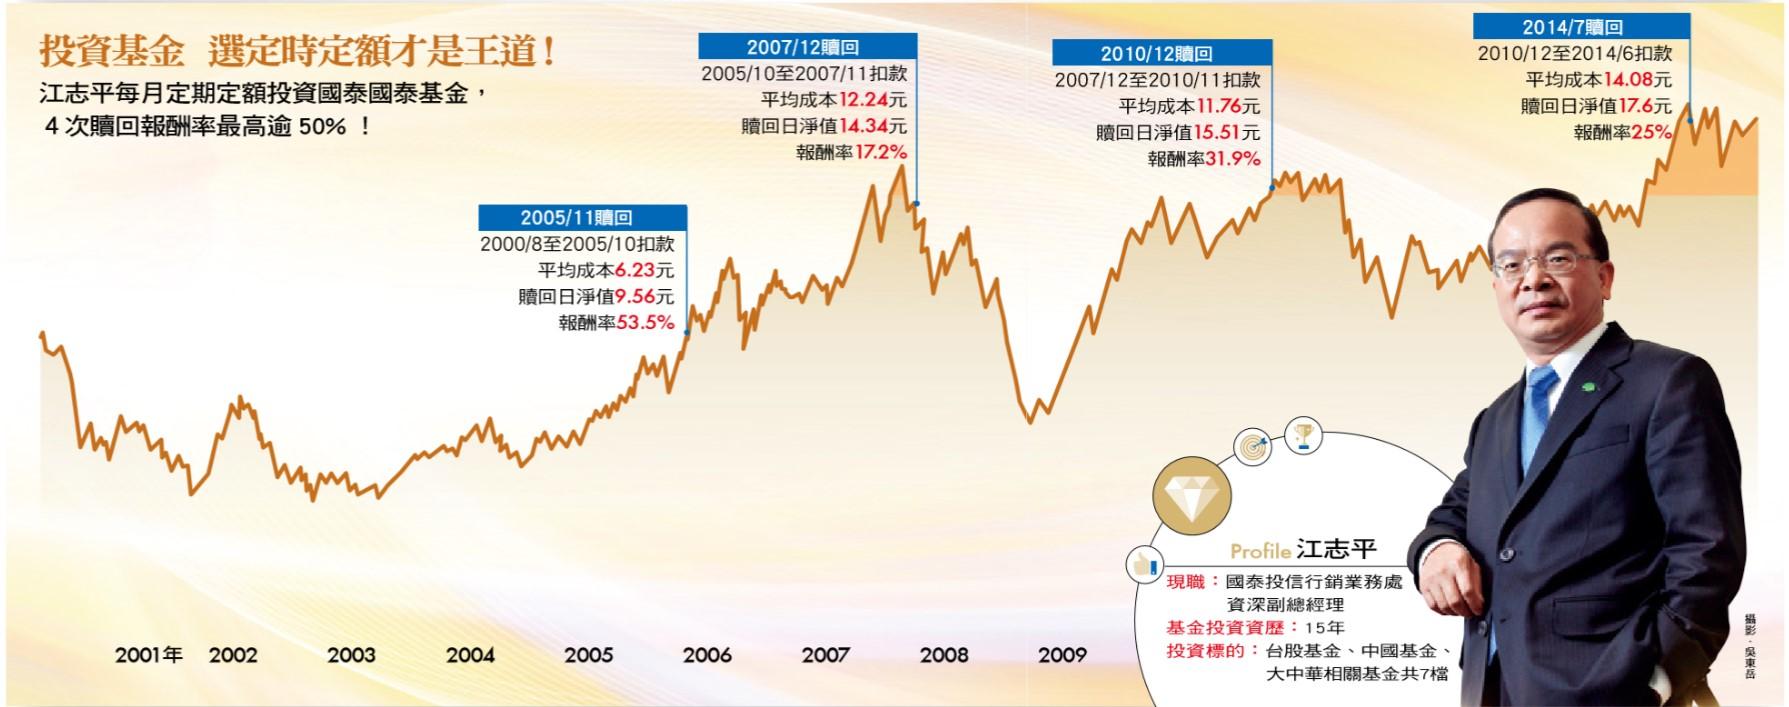 江志平每月定期定額投資國泰基金